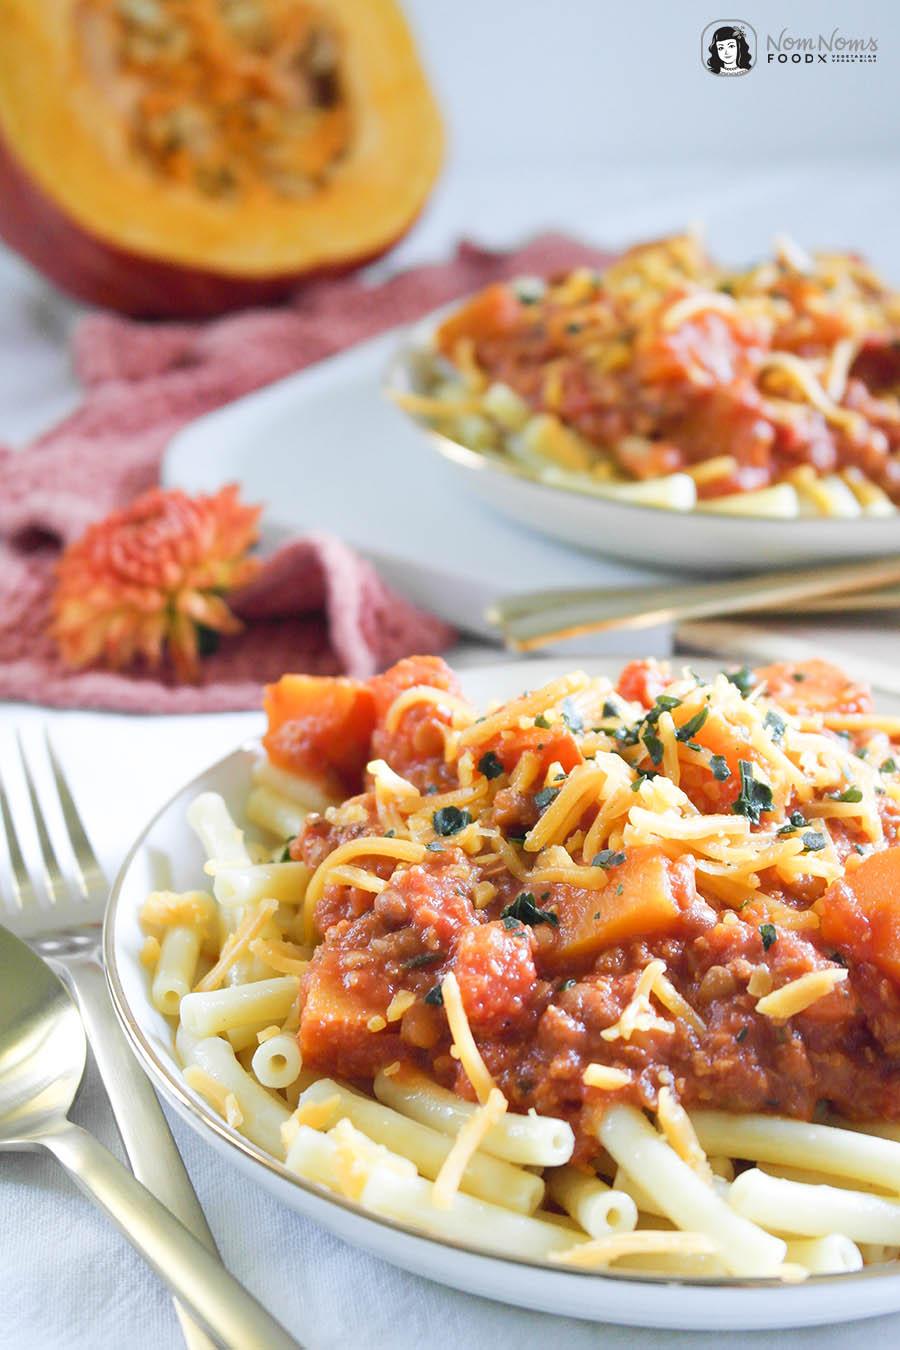 Schnelle und einfache Pasta mit käsiger Kürbis-Linsen-Soße Fix auf dem Tisch